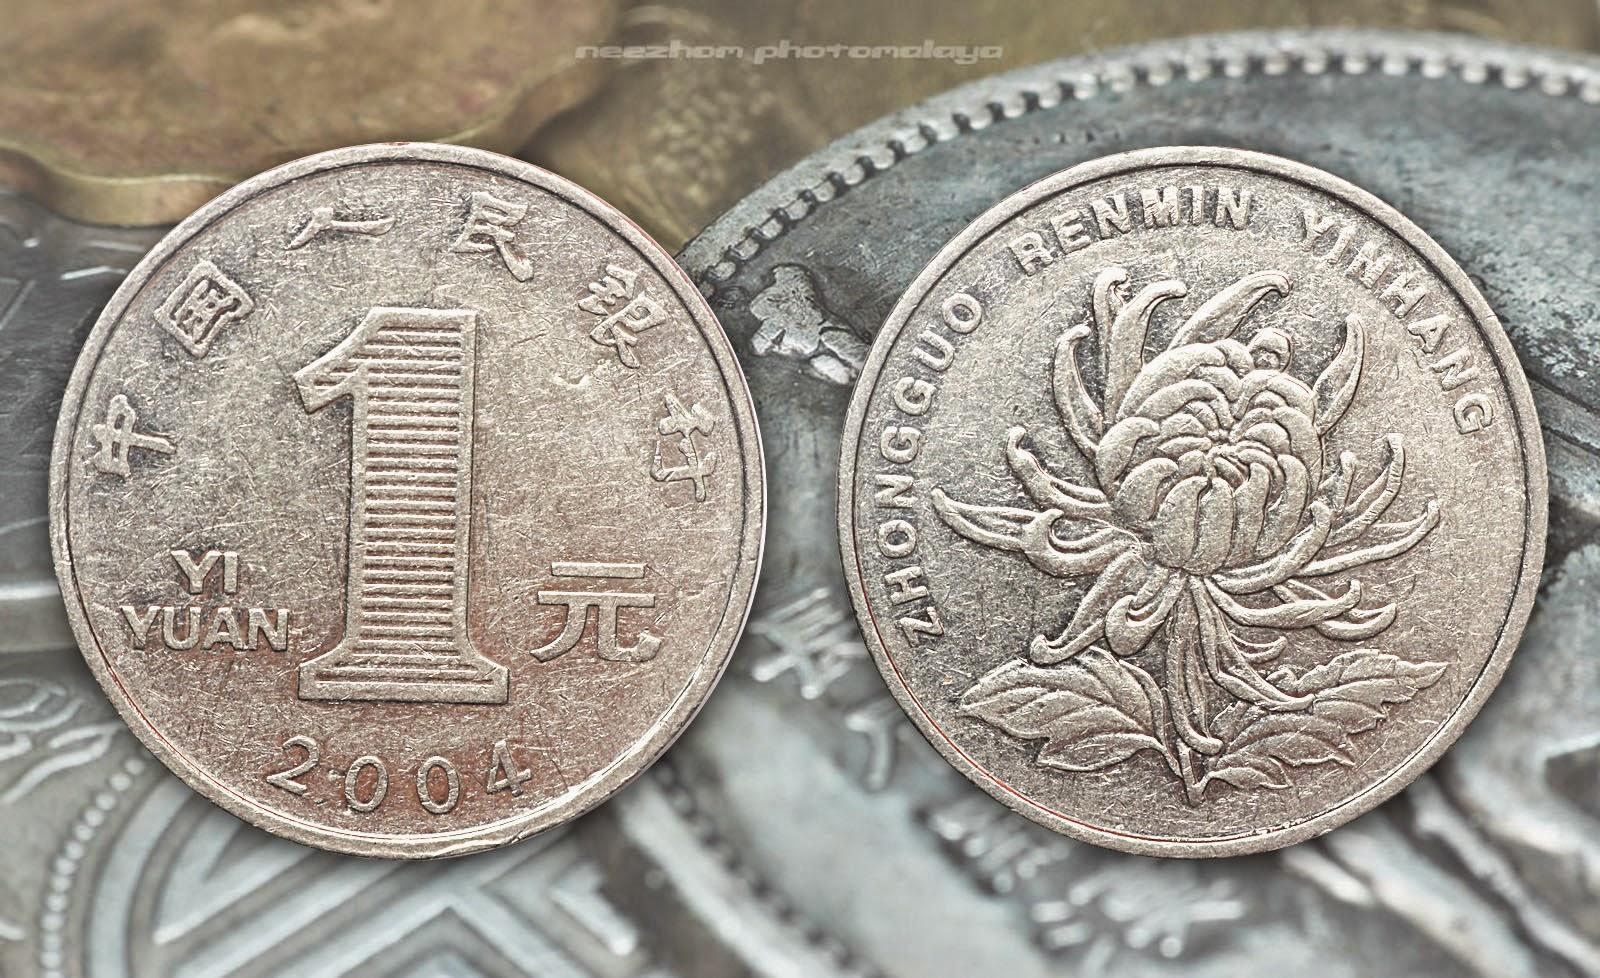 China coin 1 Yuan 2004